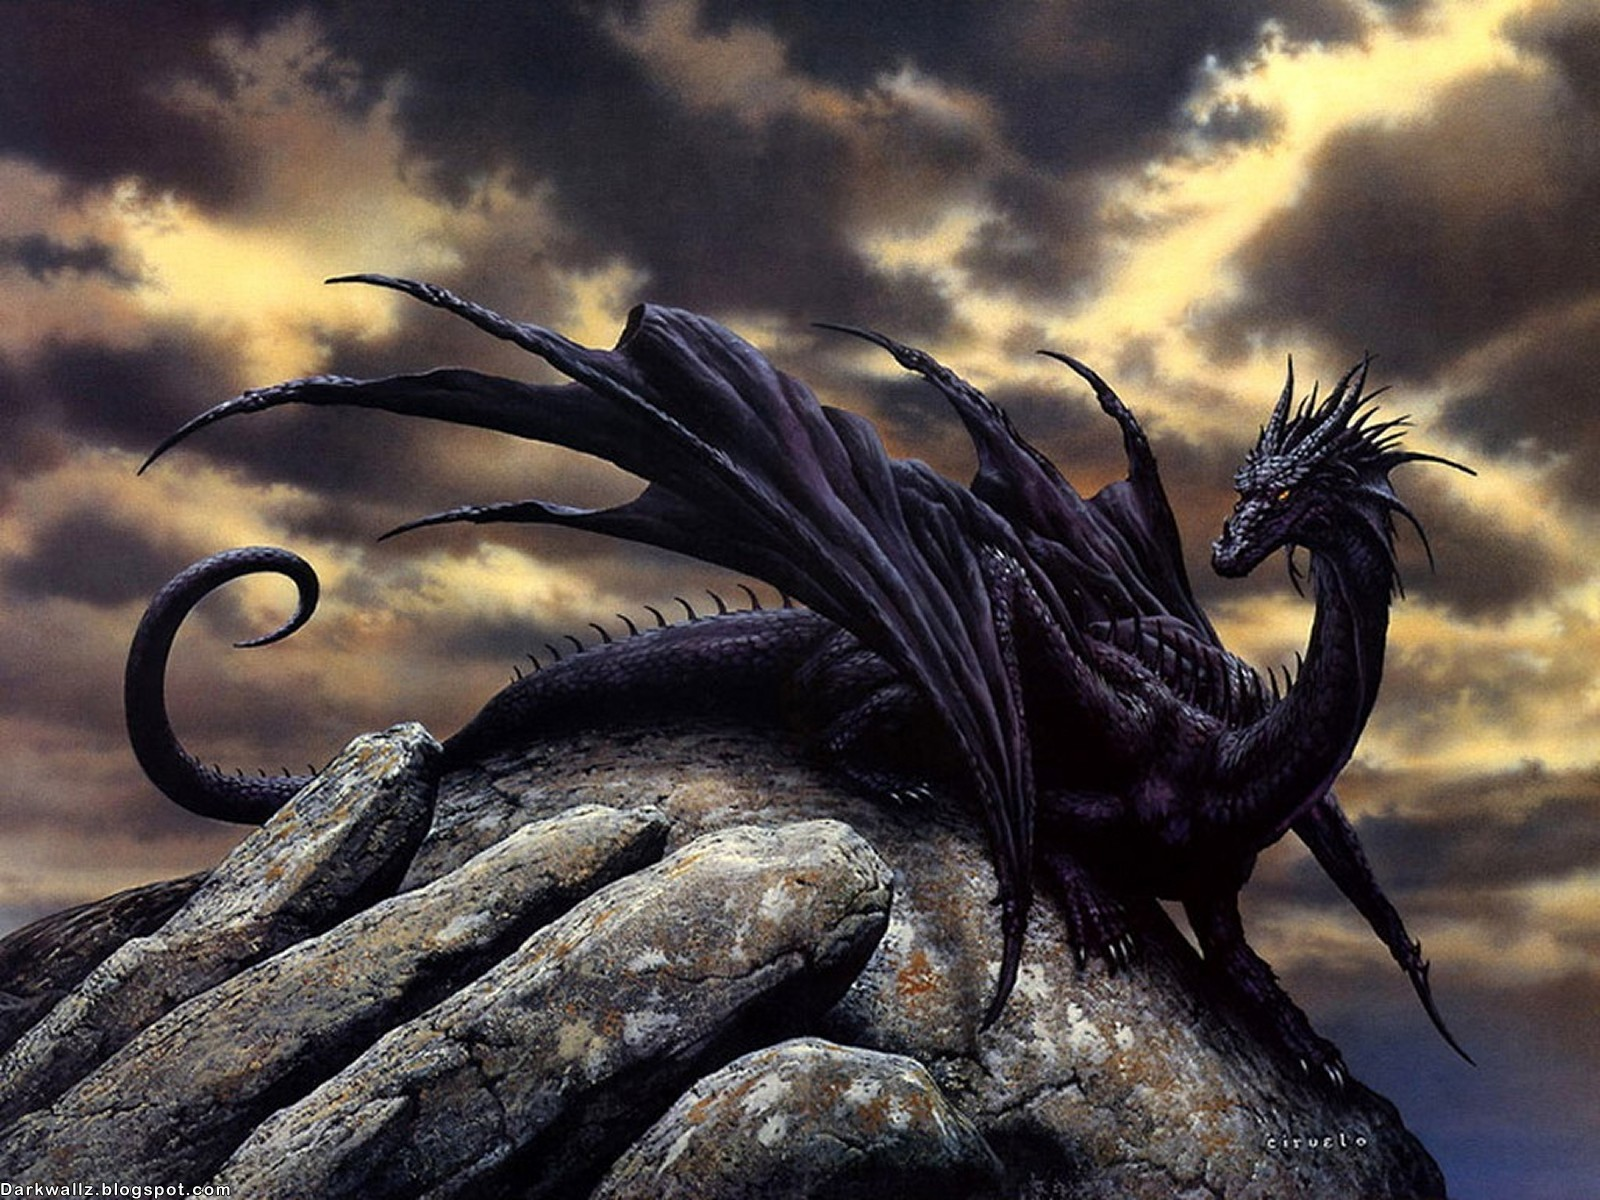 Dark Dragons Wallpapers 13| Dark Wallpaper Download